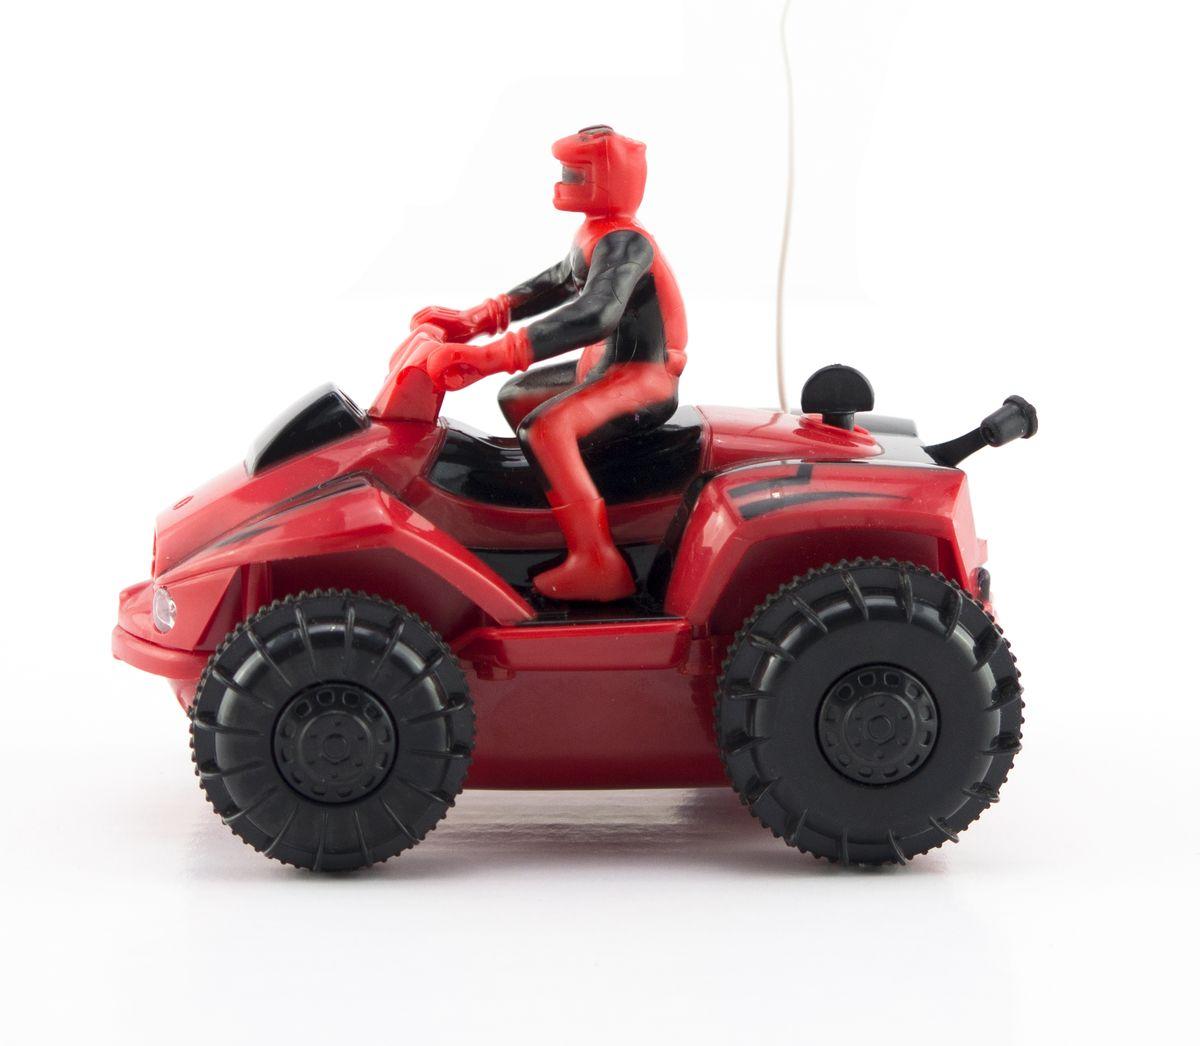 Pilotage Квадроцикл на радиоуправлении цвет красныйRC42695Модель оснащена специальными колесами с гребными лопастями, что позволет с легкостью ездить (плавать) даже по воде!!! Нажатие специальной кнопки на пульте увеличивает скорость движения почти в два раза! Понятное управление квадрациклом и его полукопийный внешний вид, сделают его любимой игрушкой как для вашего ребенка так и для вас. Простое нажатие кнопки моментально изменяет направление и скорость движения. Благодаря оптимальным размерам и внедорожным шинам, Данный квадроцикл можно использовать как дома, так и на улице.